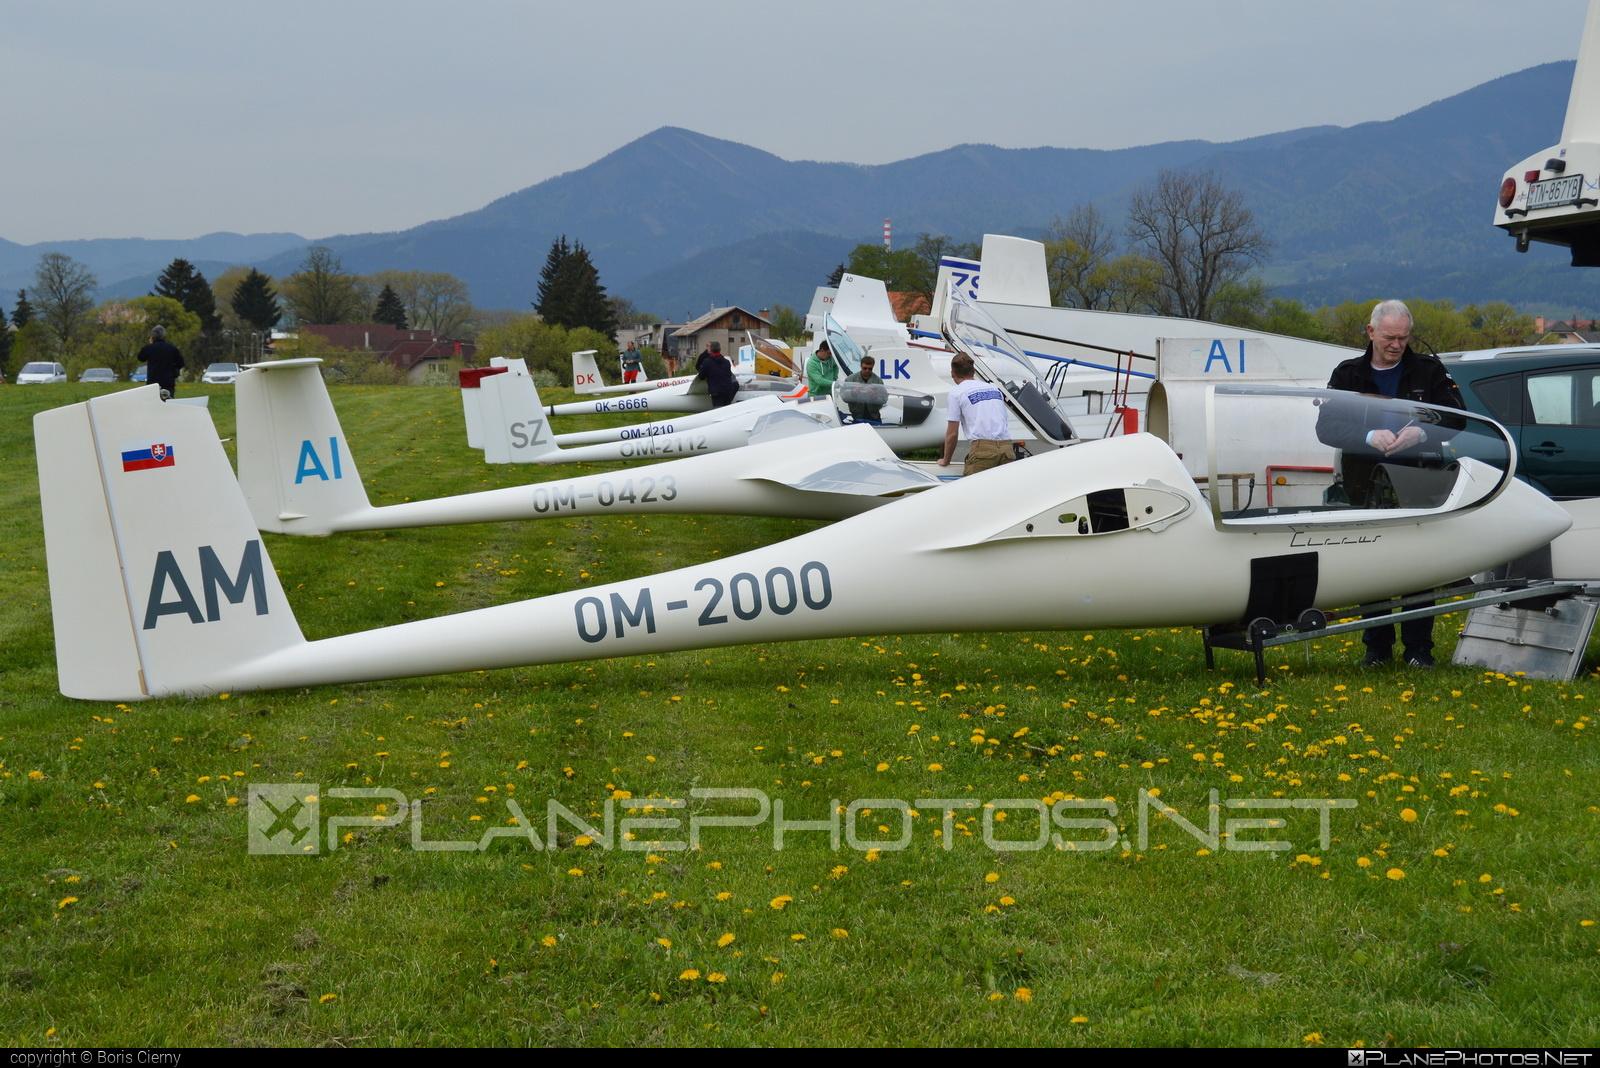 Schempp-Hirth Standard Cirrus 75 - OM-2000 operated by Slovenský národný aeroklub (Slovak National Aeroclub) #schempphirth